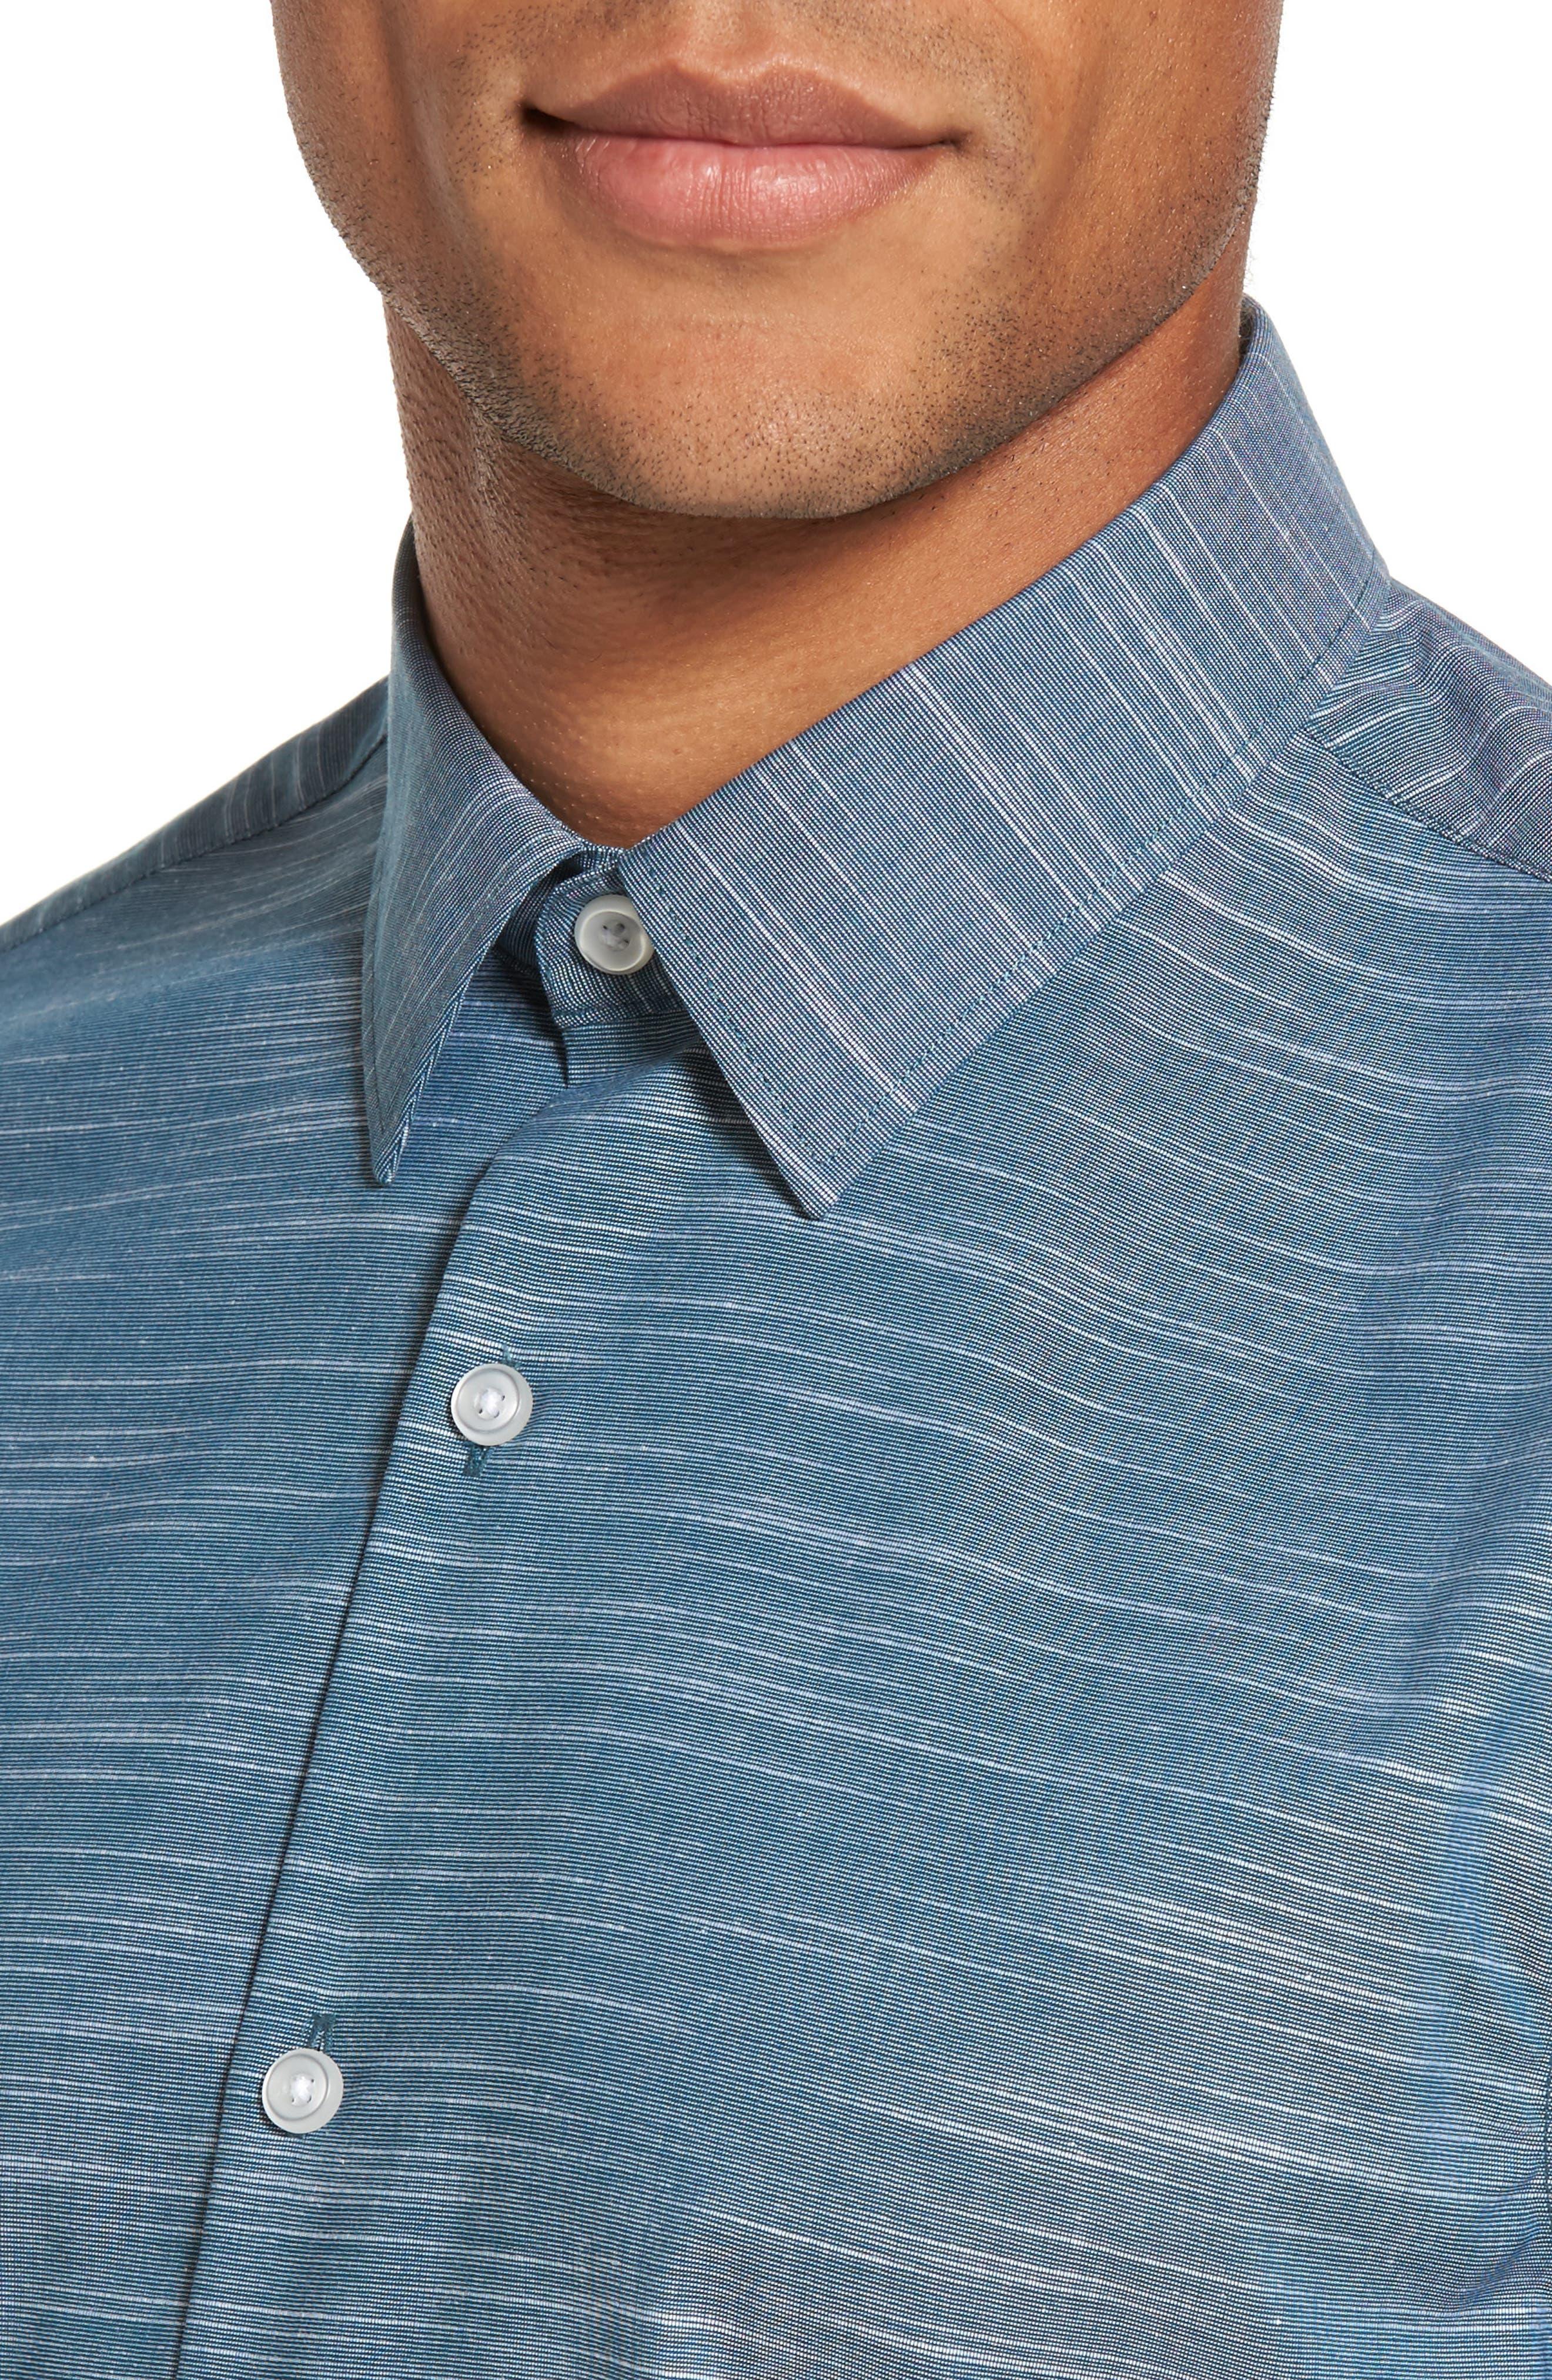 Calilbrate Slim Fit Slub Woven Shirt,                             Alternate thumbnail 10, color,